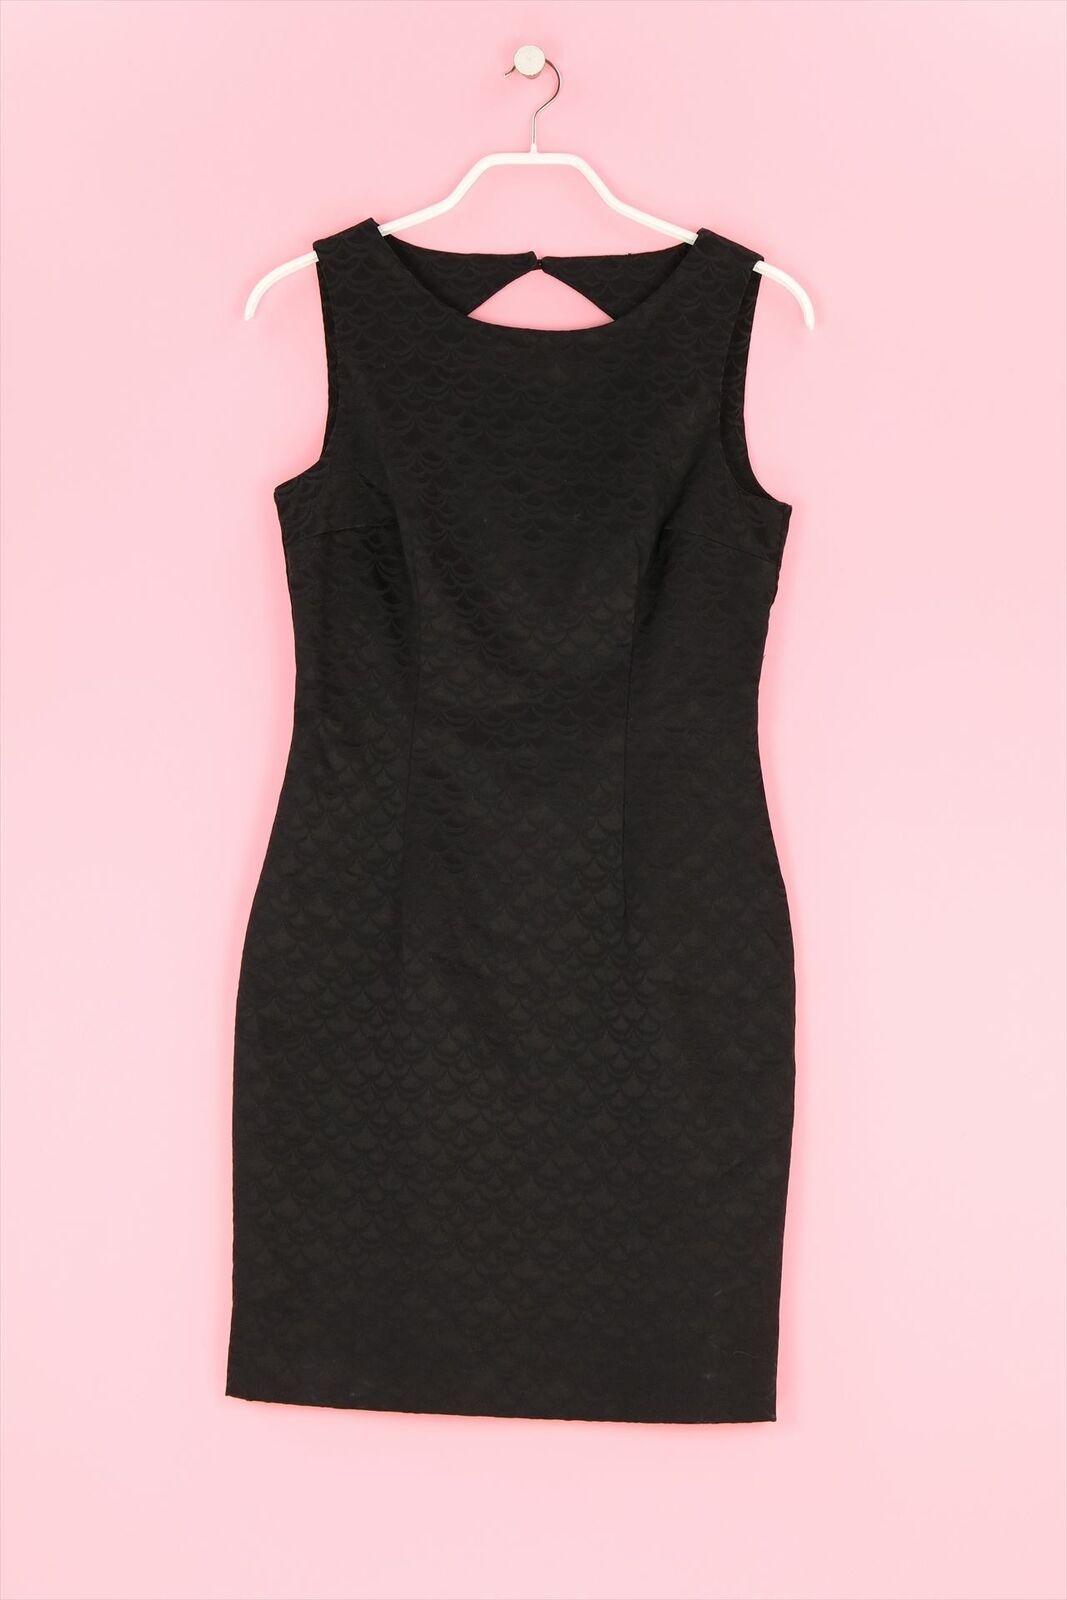 HM Etui-Kleid mit Rückenausschnitt L schwarzblau Sheath Dress